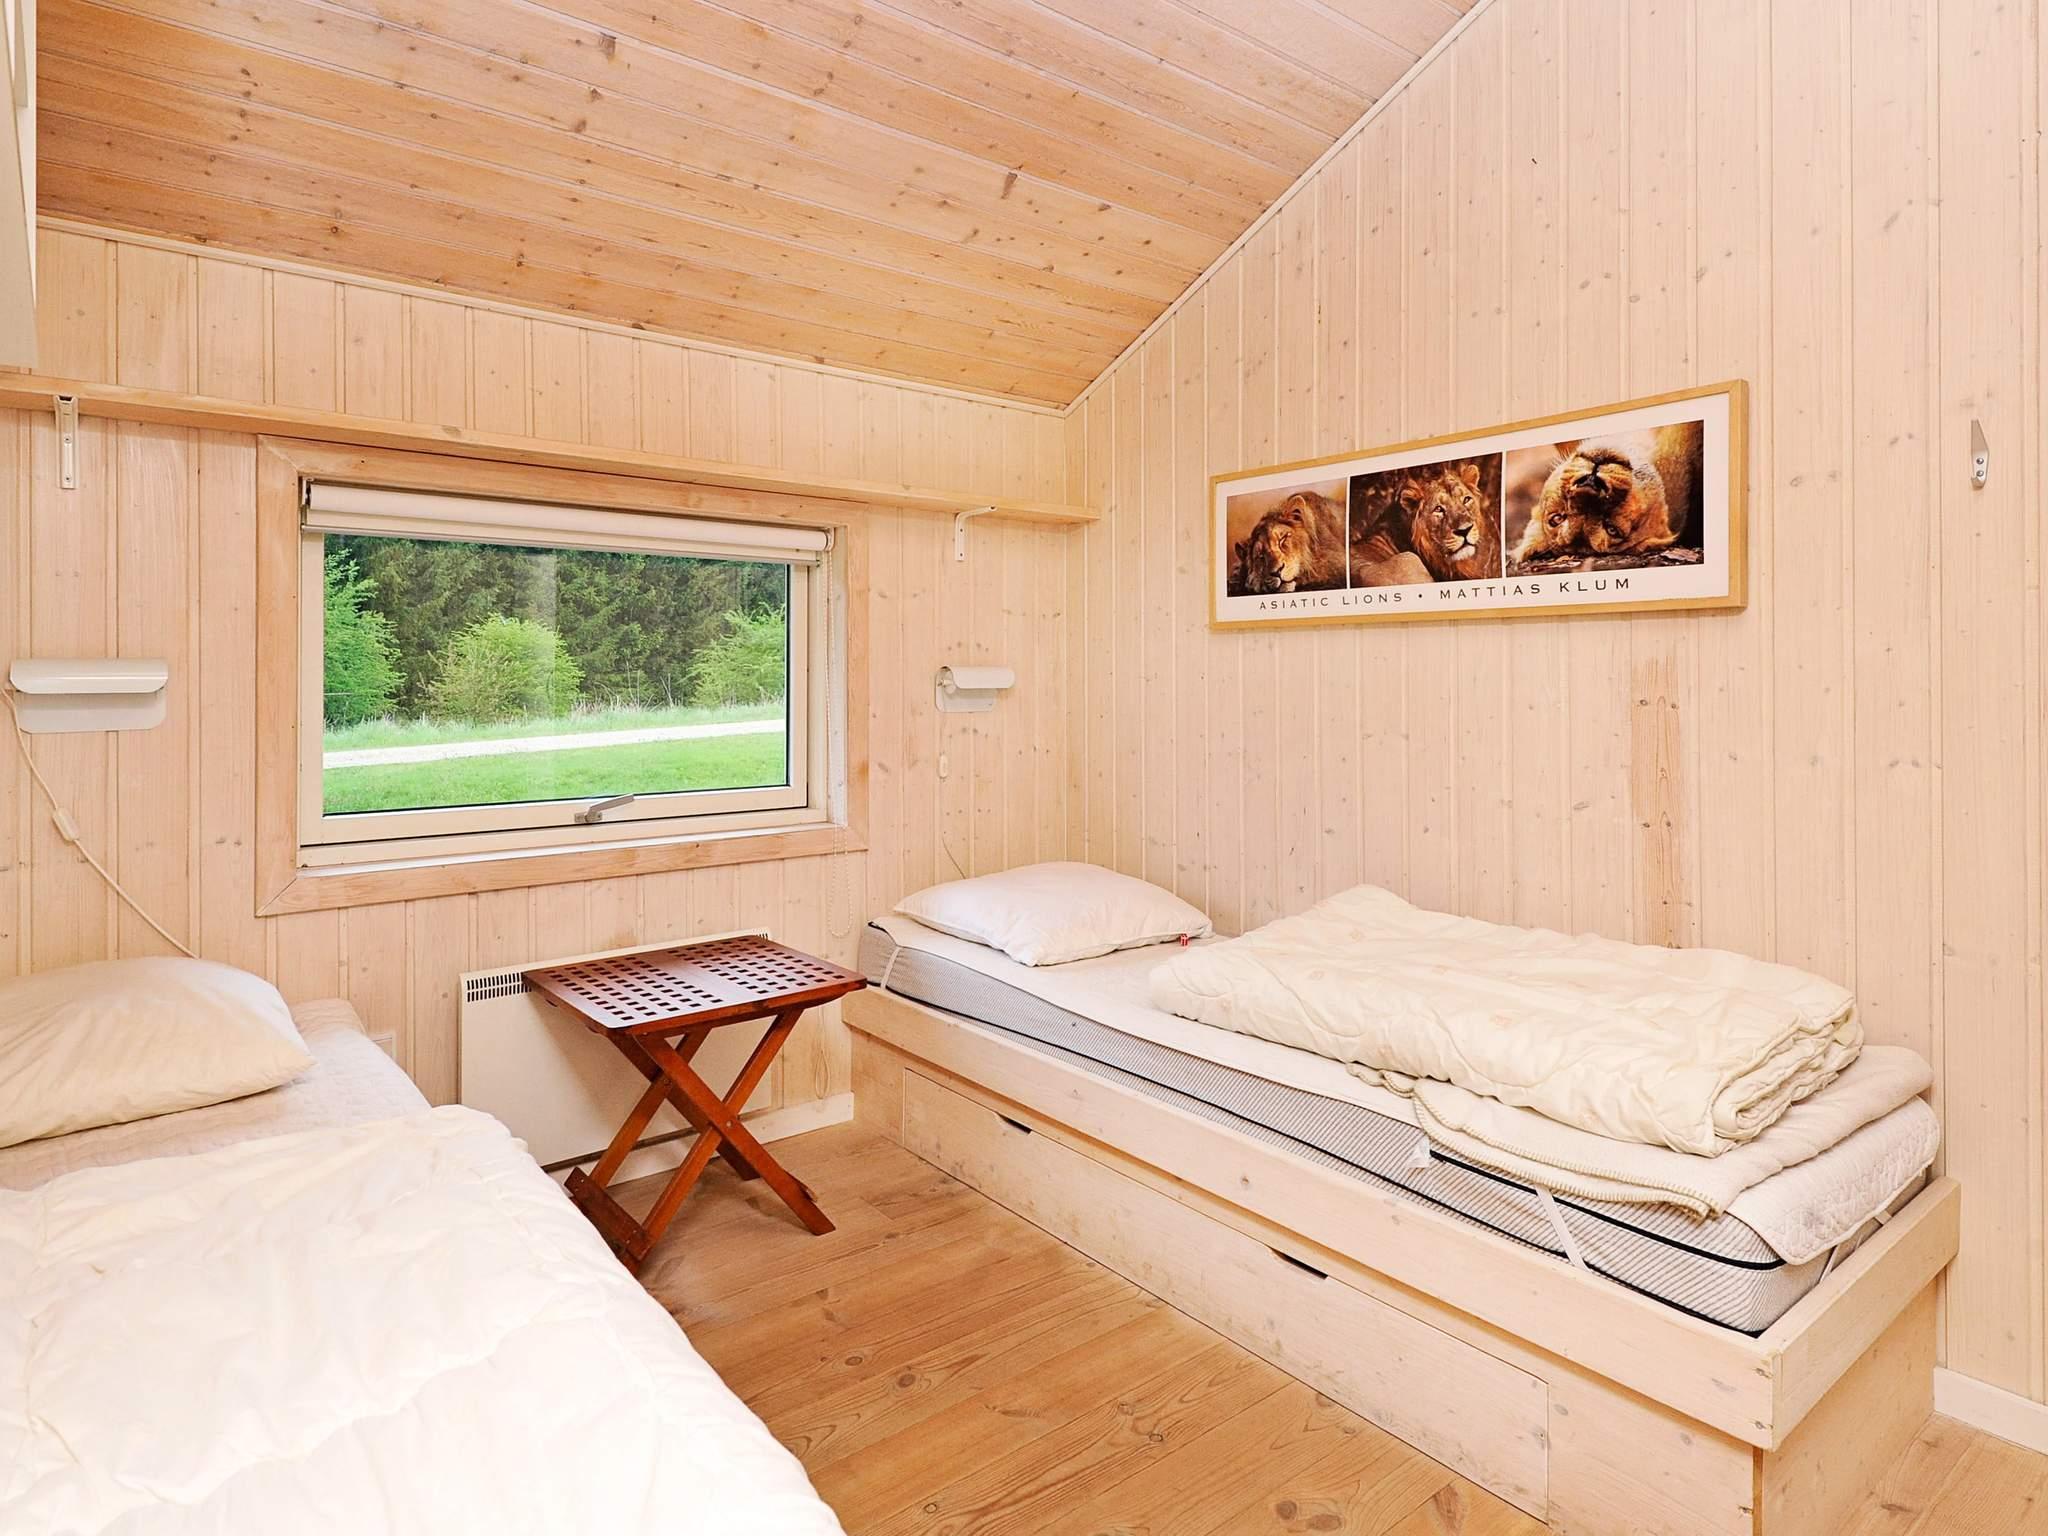 Ferienhaus Silkeborg (84068), Silkeborg, , Ostjütland, Dänemark, Bild 10